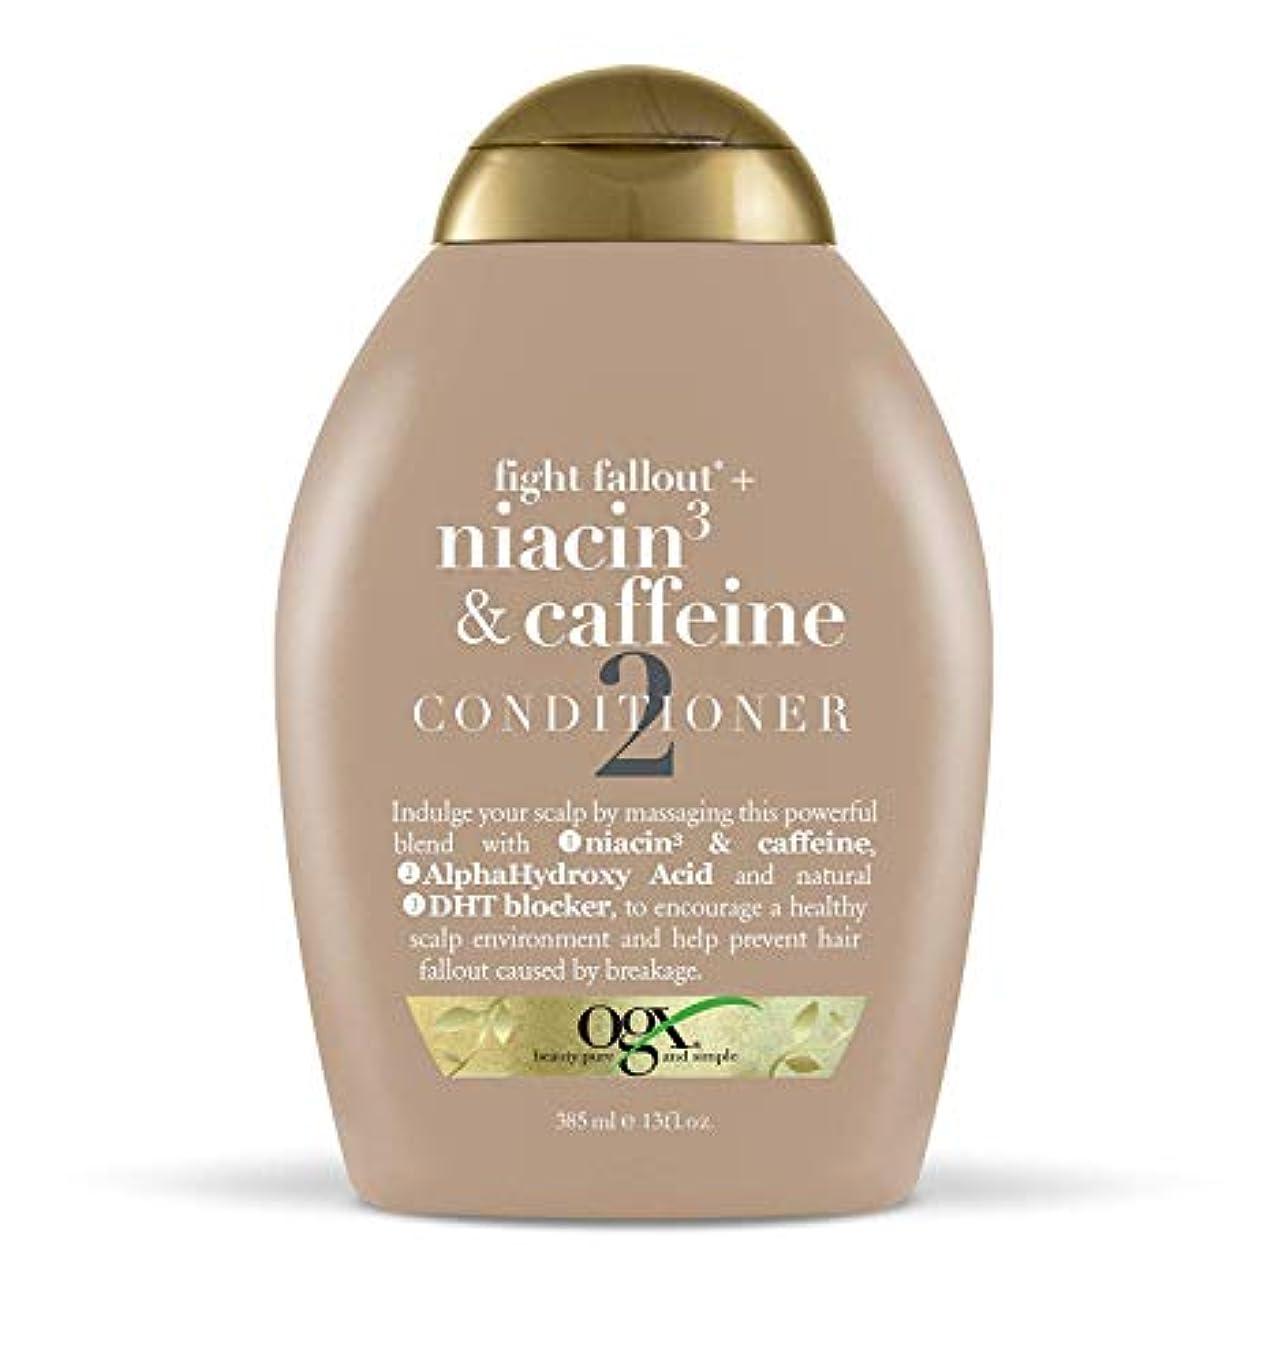 基礎コンパクト害OGX Conditioner Niacin 3 & Caffeine 13oz コンディショナー ナイアシン 3 & カフェイン 385 ml [並行輸入品]